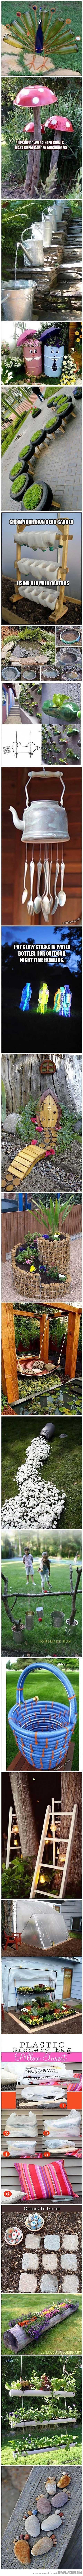 Simple outdoor ideas that are borderline genius…